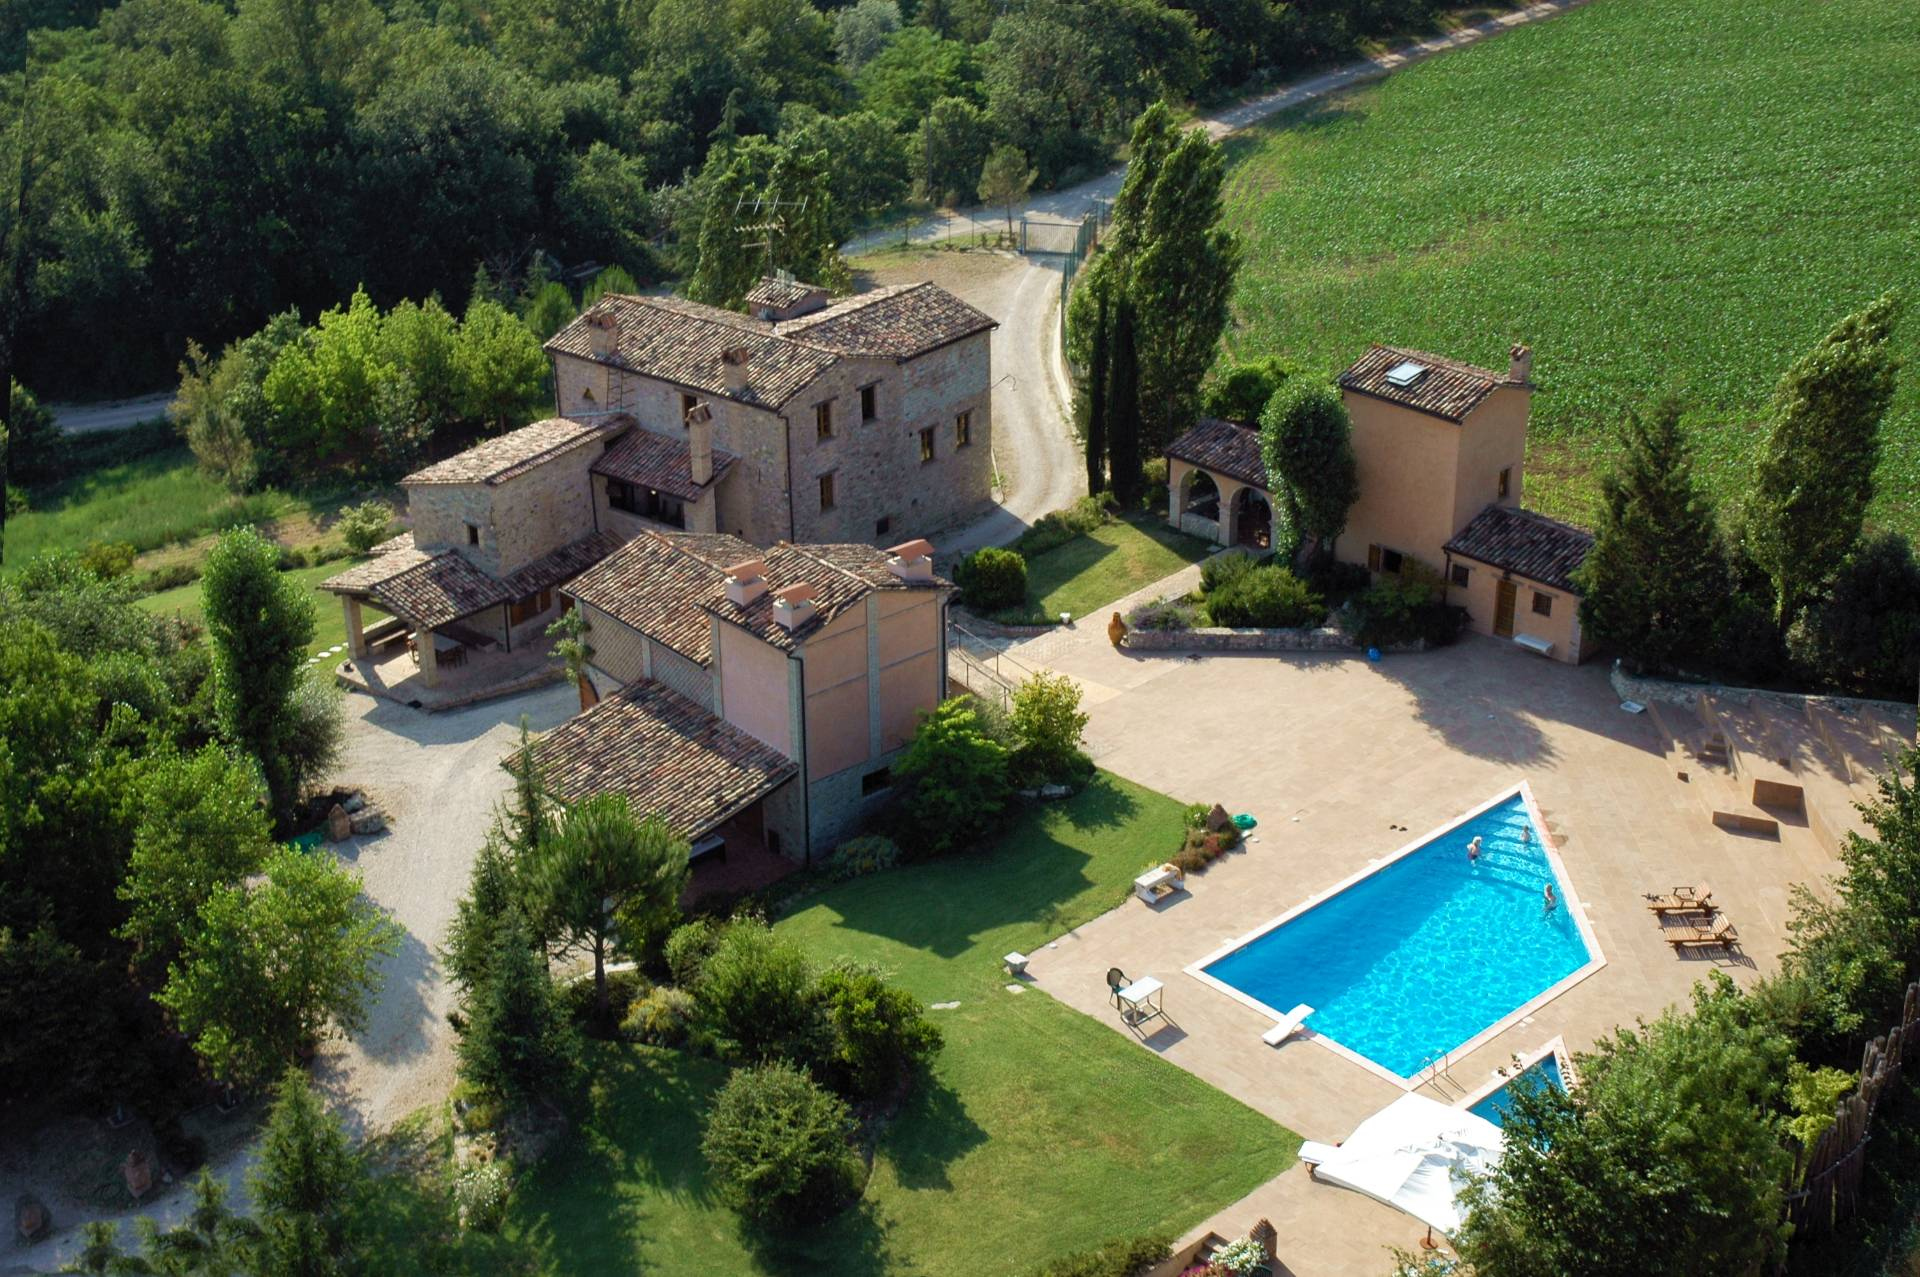 Rustico in Vendita a Montone: 5 locali, 700 mq - Foto 6